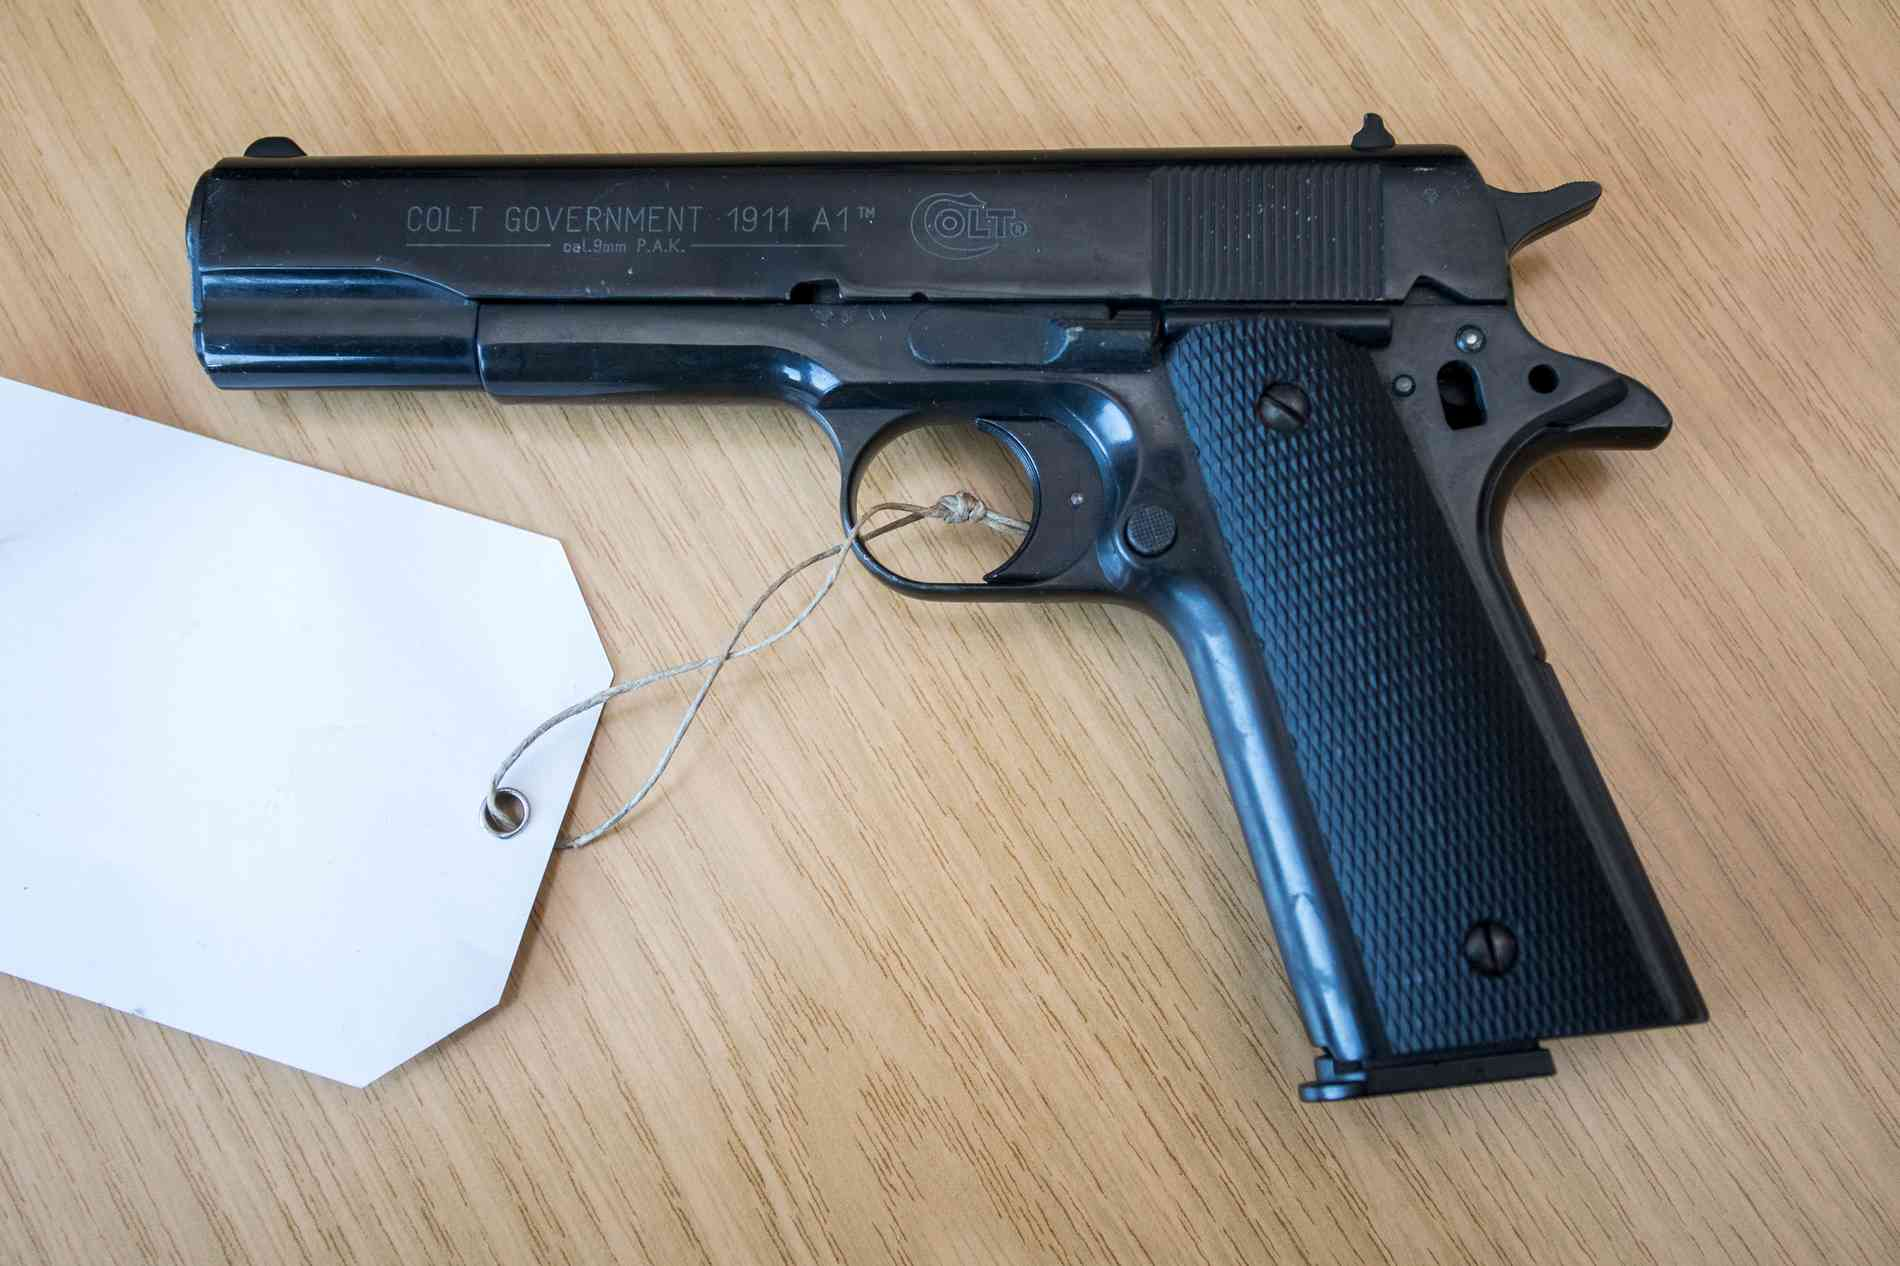 Mietrecht Waffe Ohne Waffenschein In Wohnung Vermieter Darf